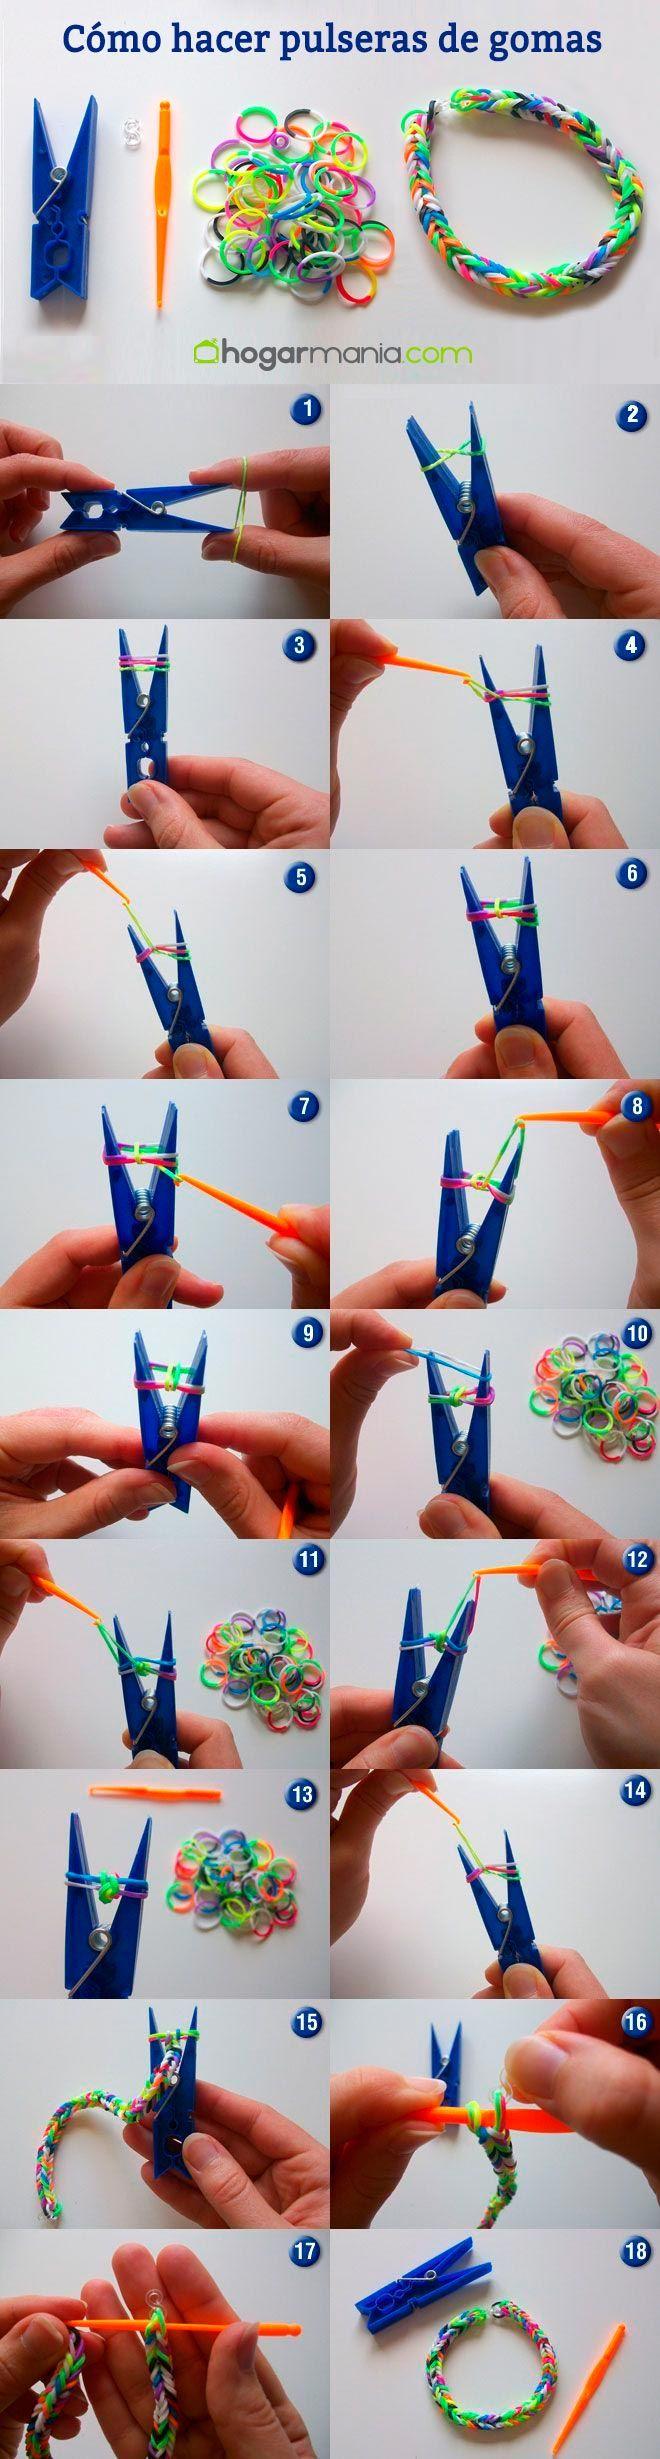 pasos hacer pulseras de gomas